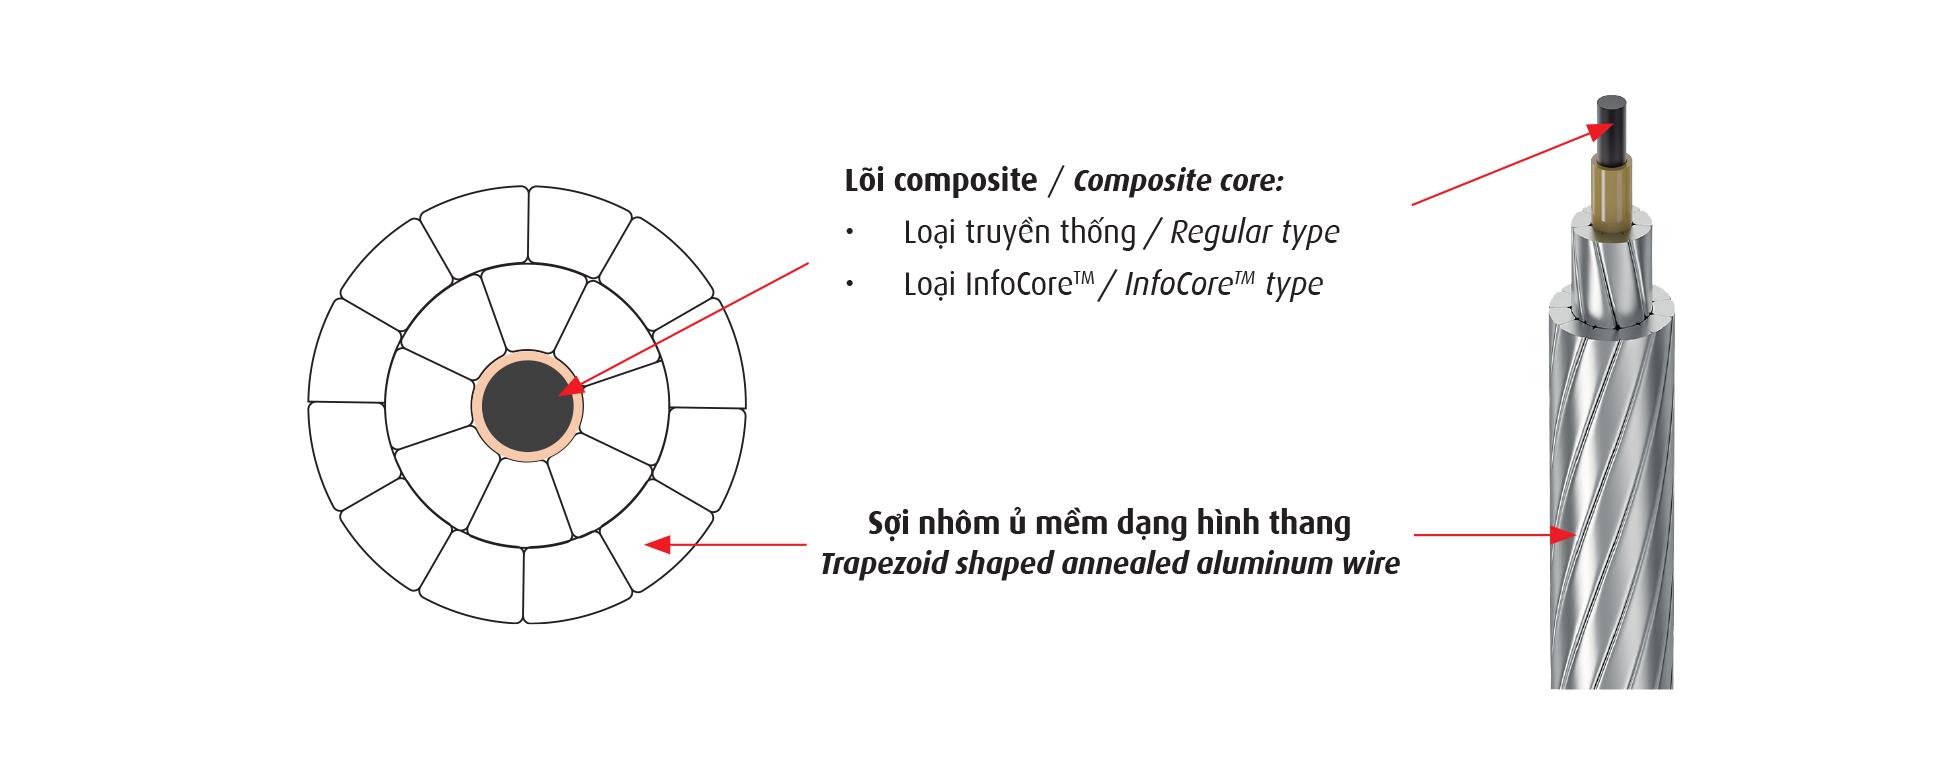 Phân biệt các loại dây dẫn điện siêu nhiệt trong hệ thống truyền tải điện